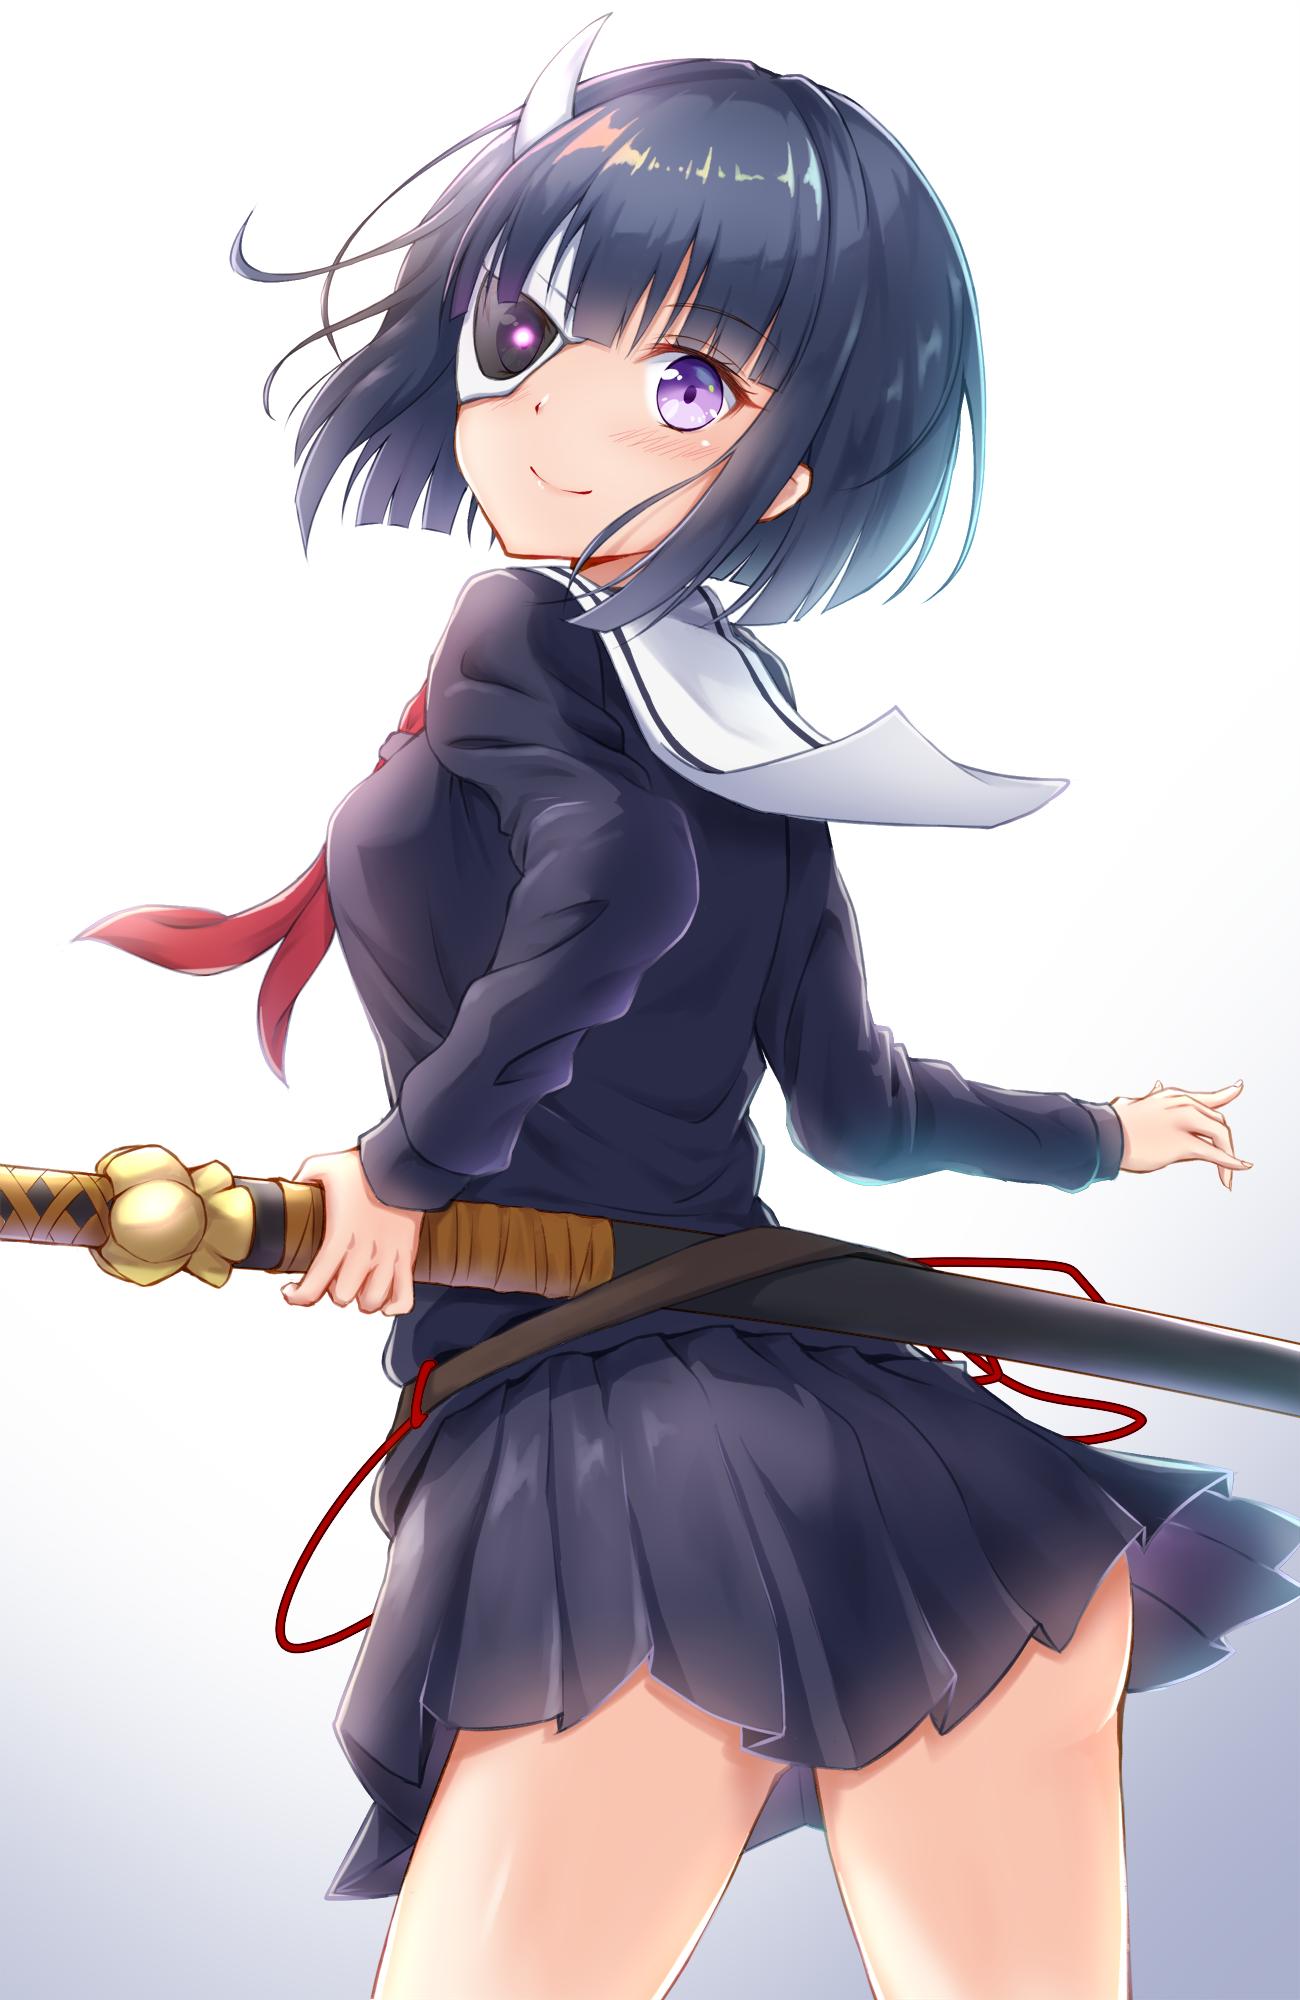 Wallpaper : Busou Shoujo Machiavellianism, anime girls